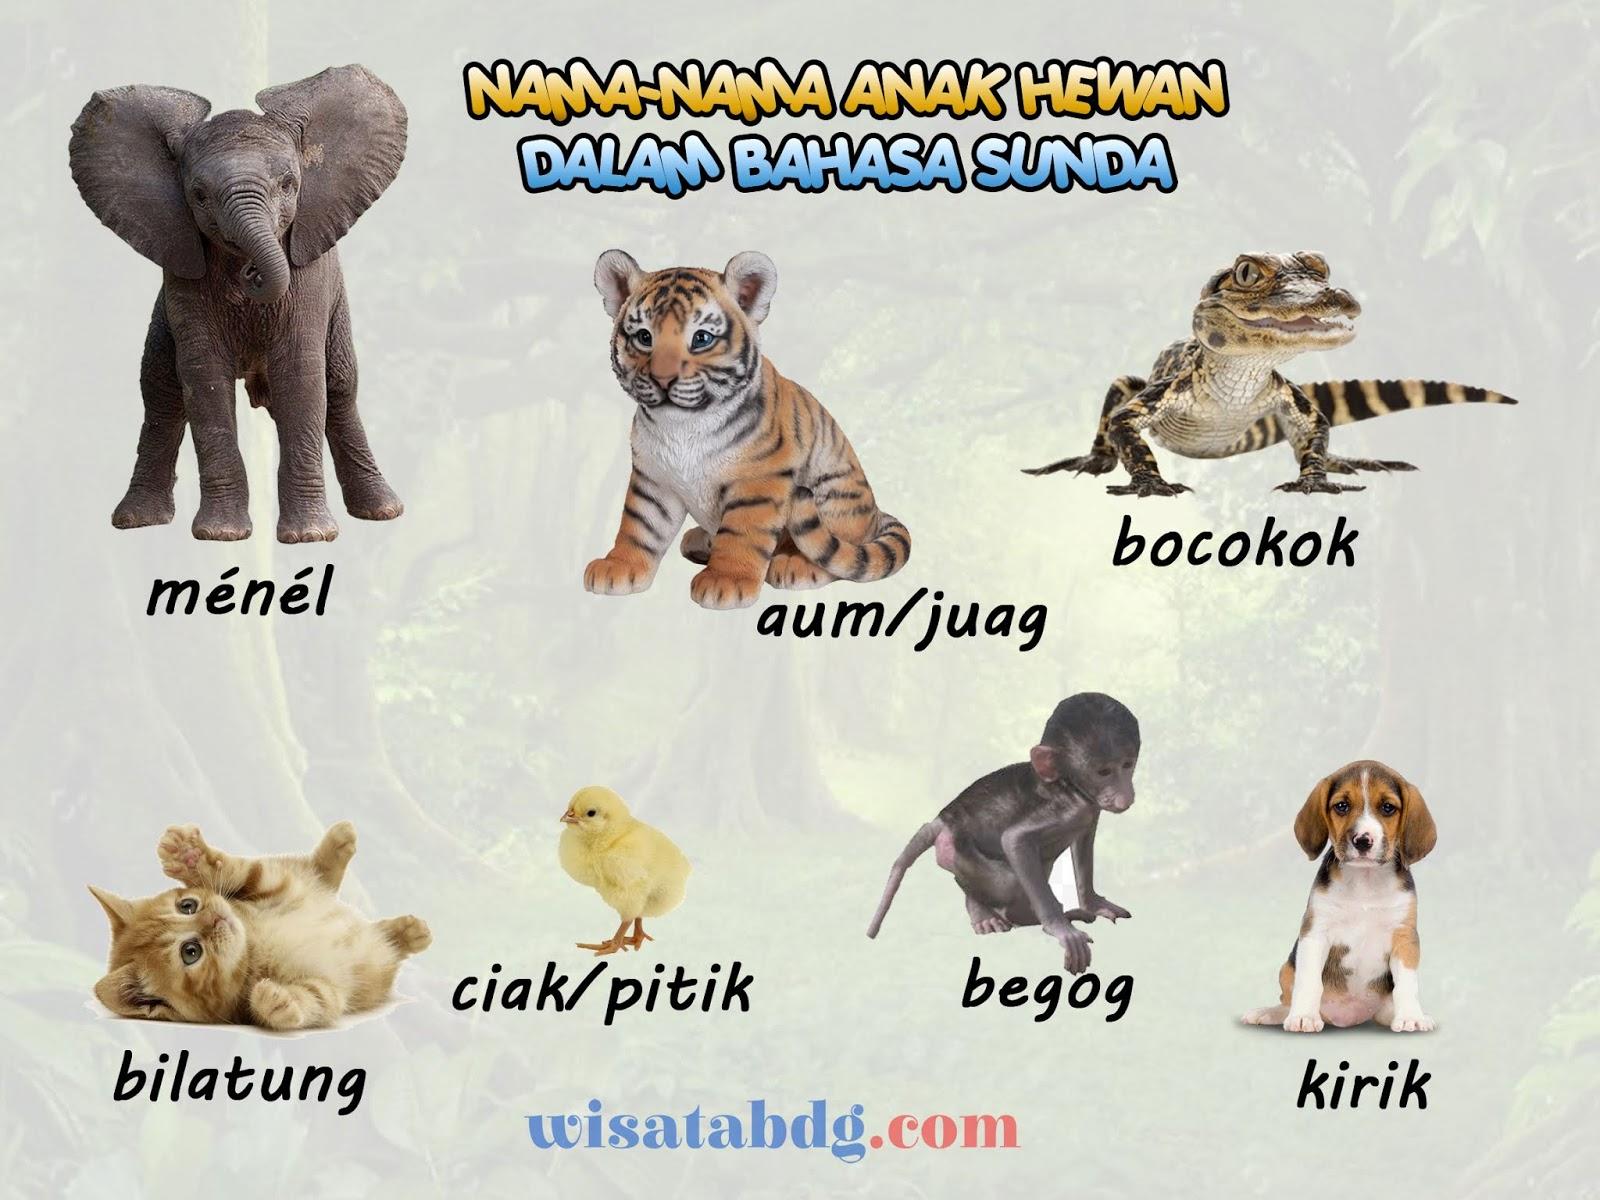 Mengenal Nama Nama Anak Hewan Dalam Bahasa Sunda